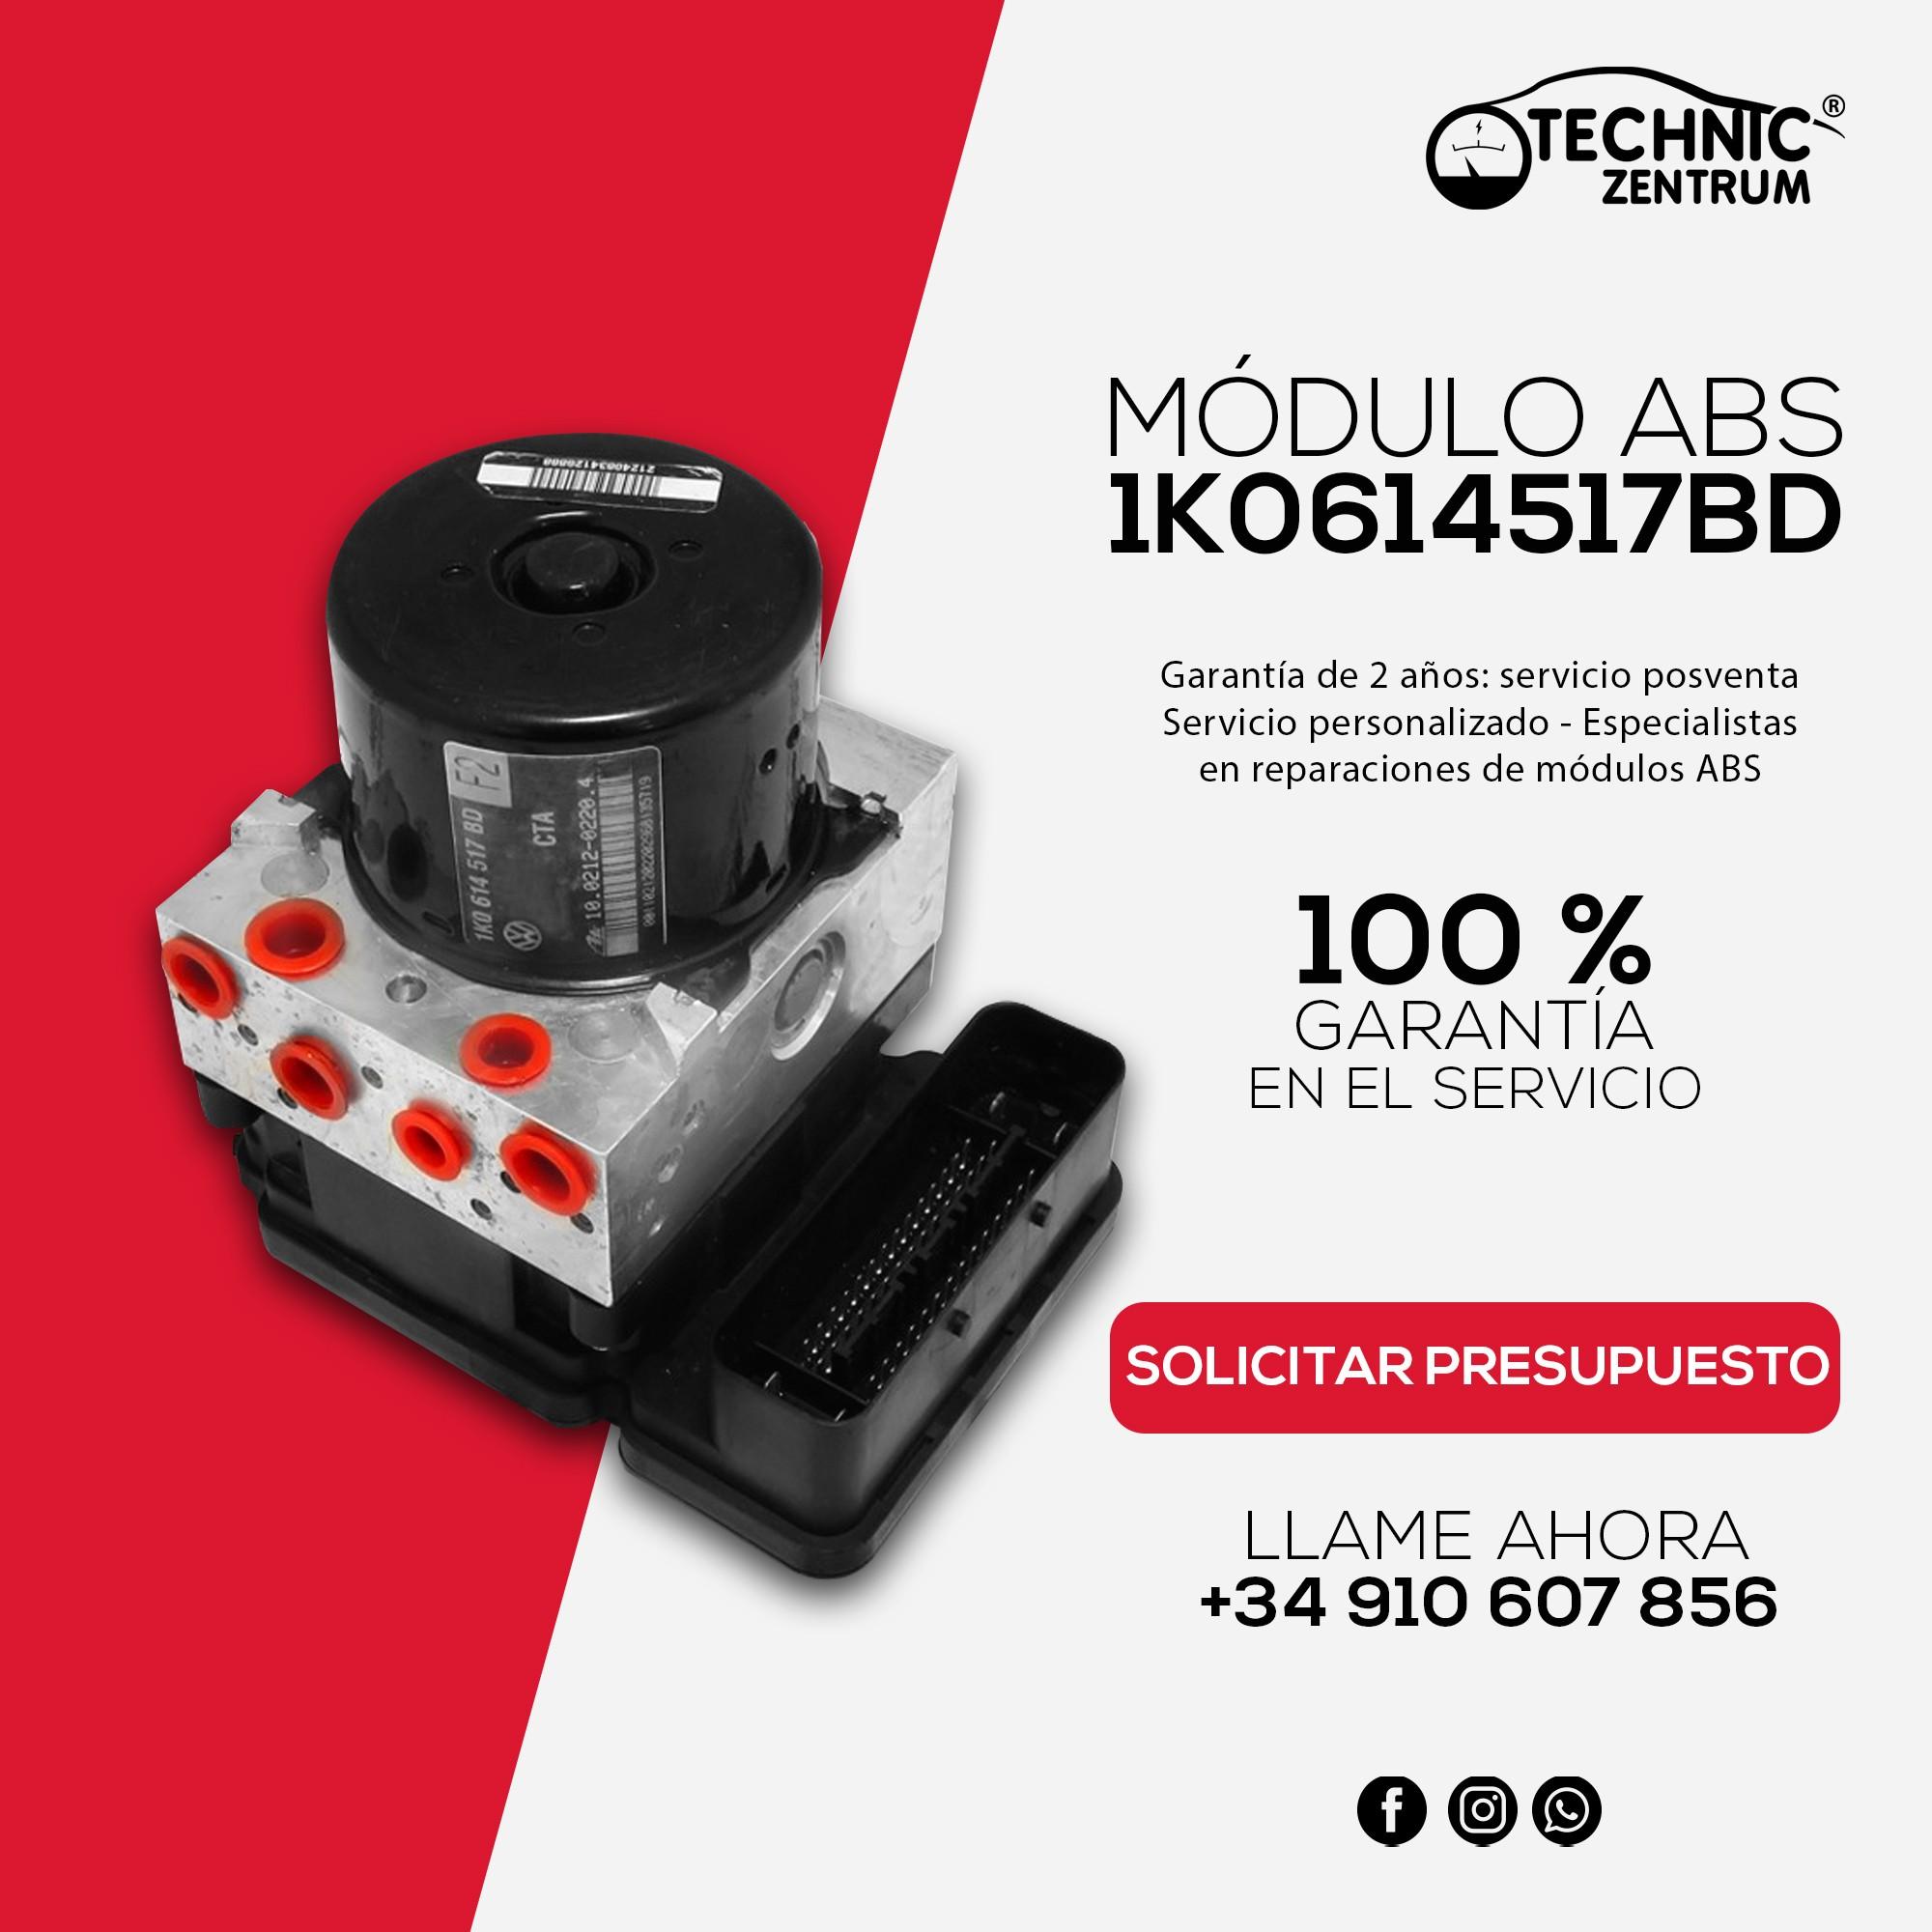 Módulo ABS 1K0614517BD Solicitar Presupuesto